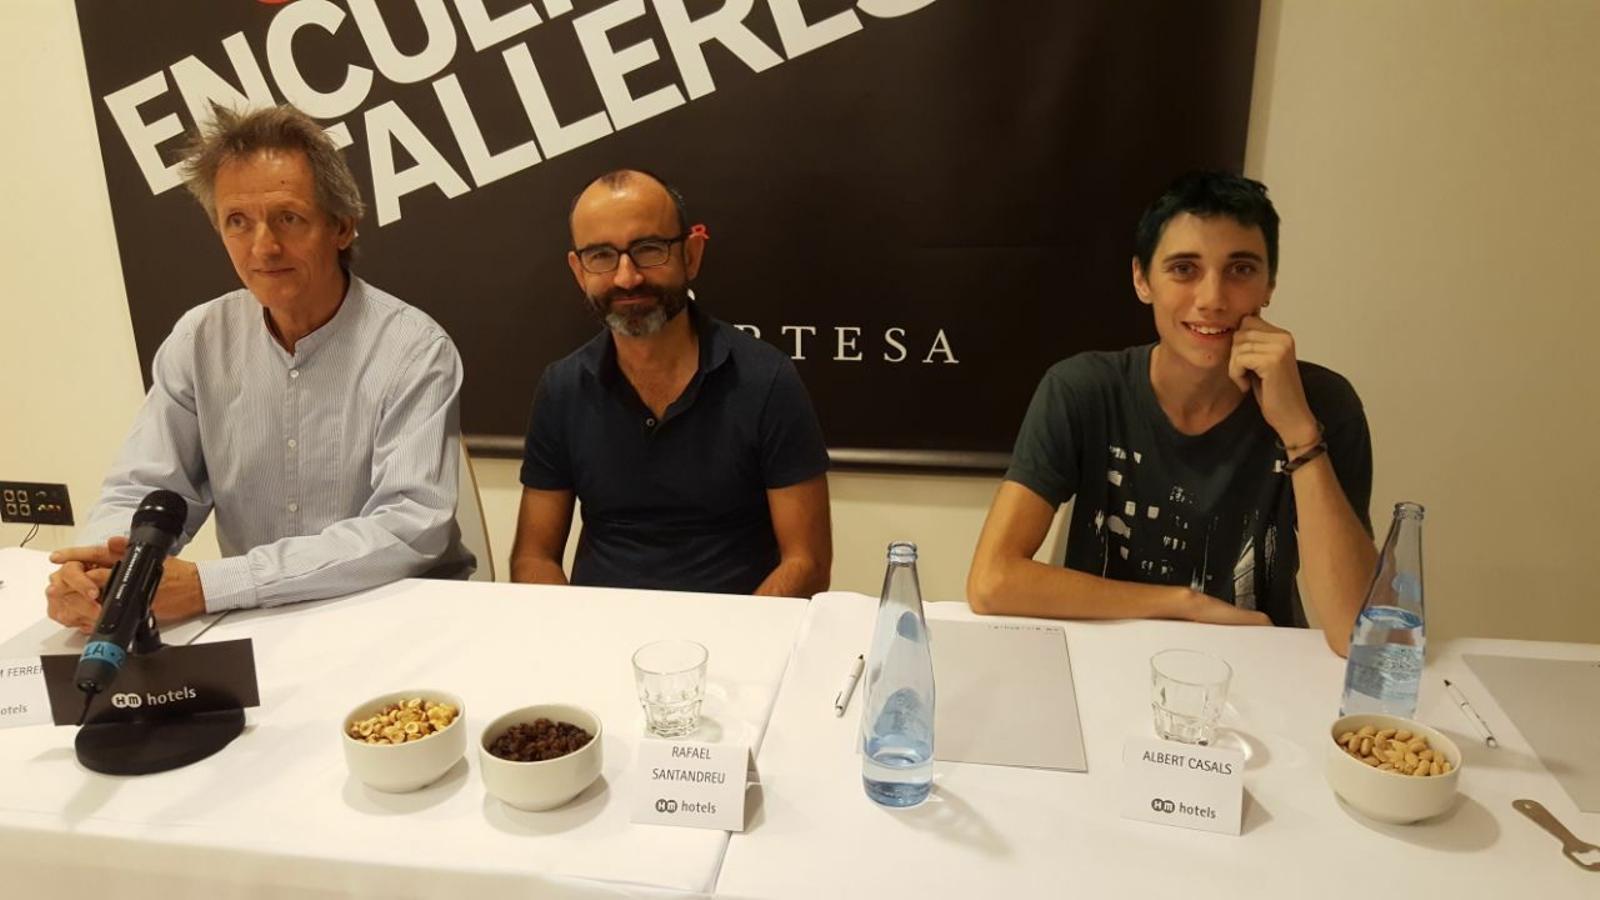 Guillem Ferrer, Jaume Santandreu i Albert Casal